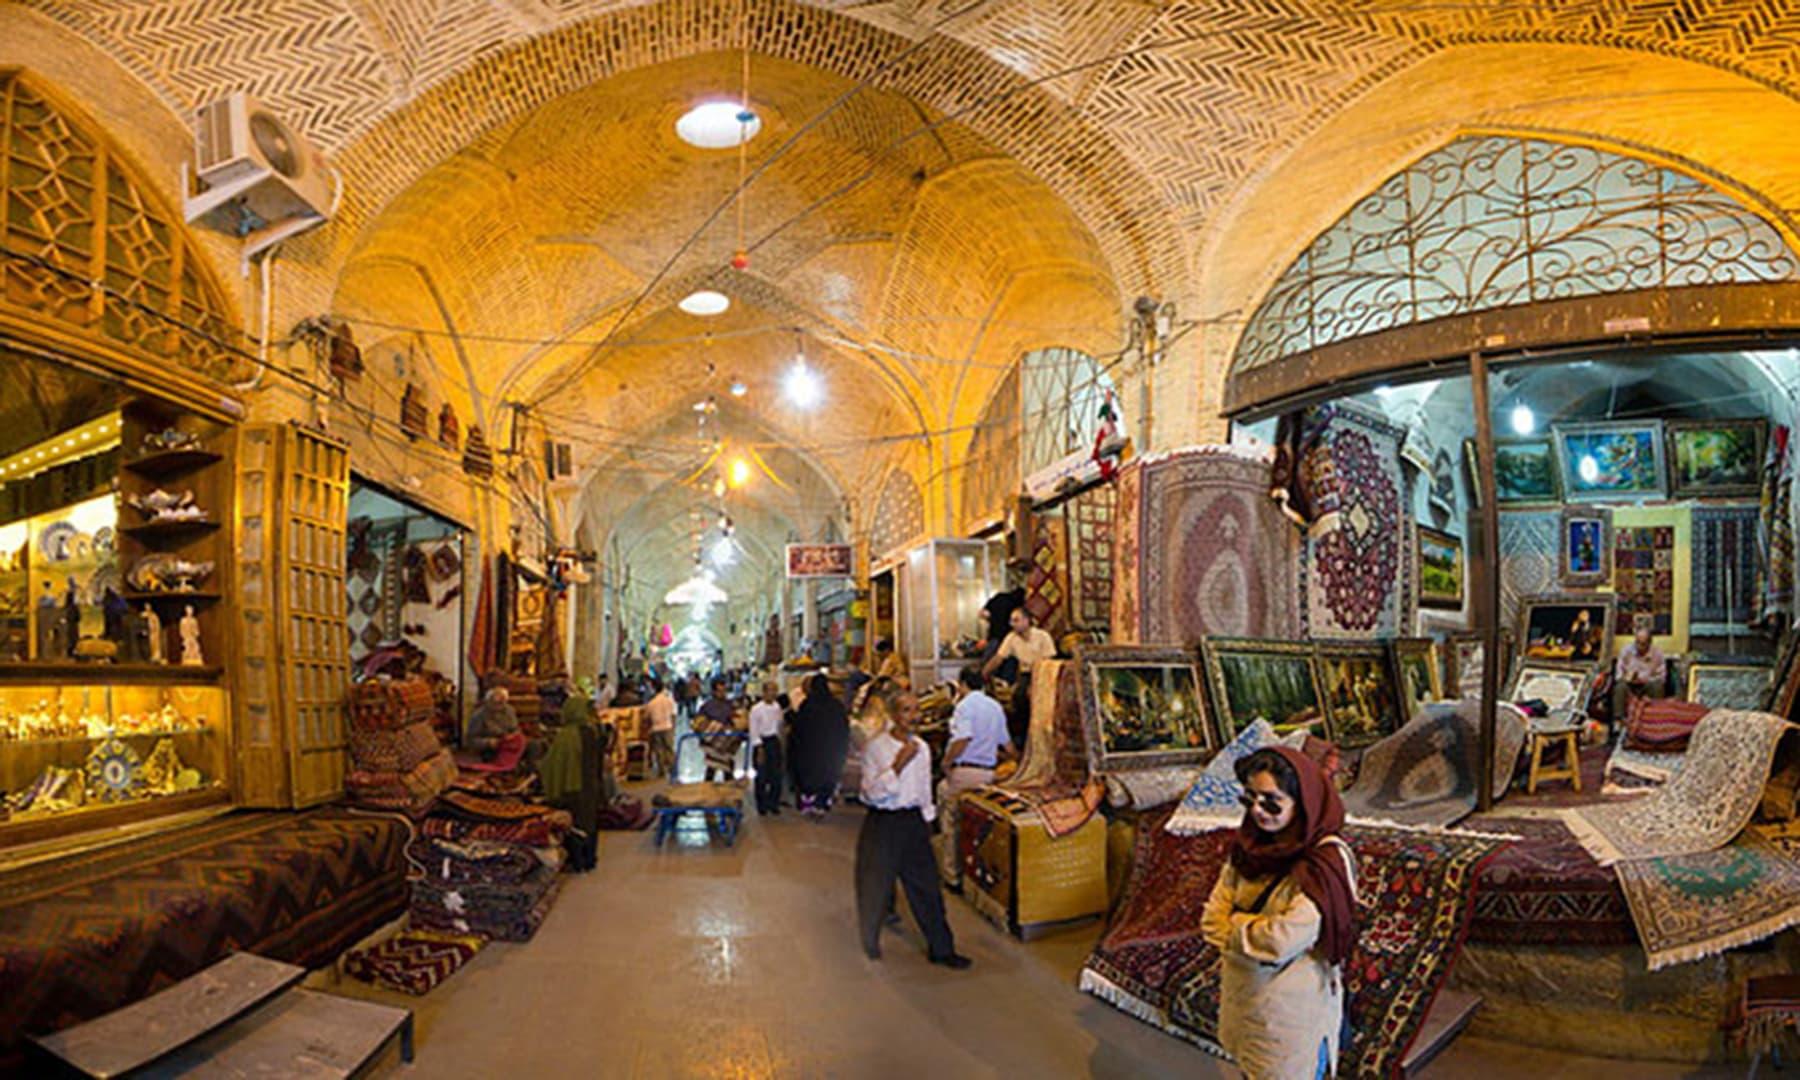 وکیل بازار، شیراز